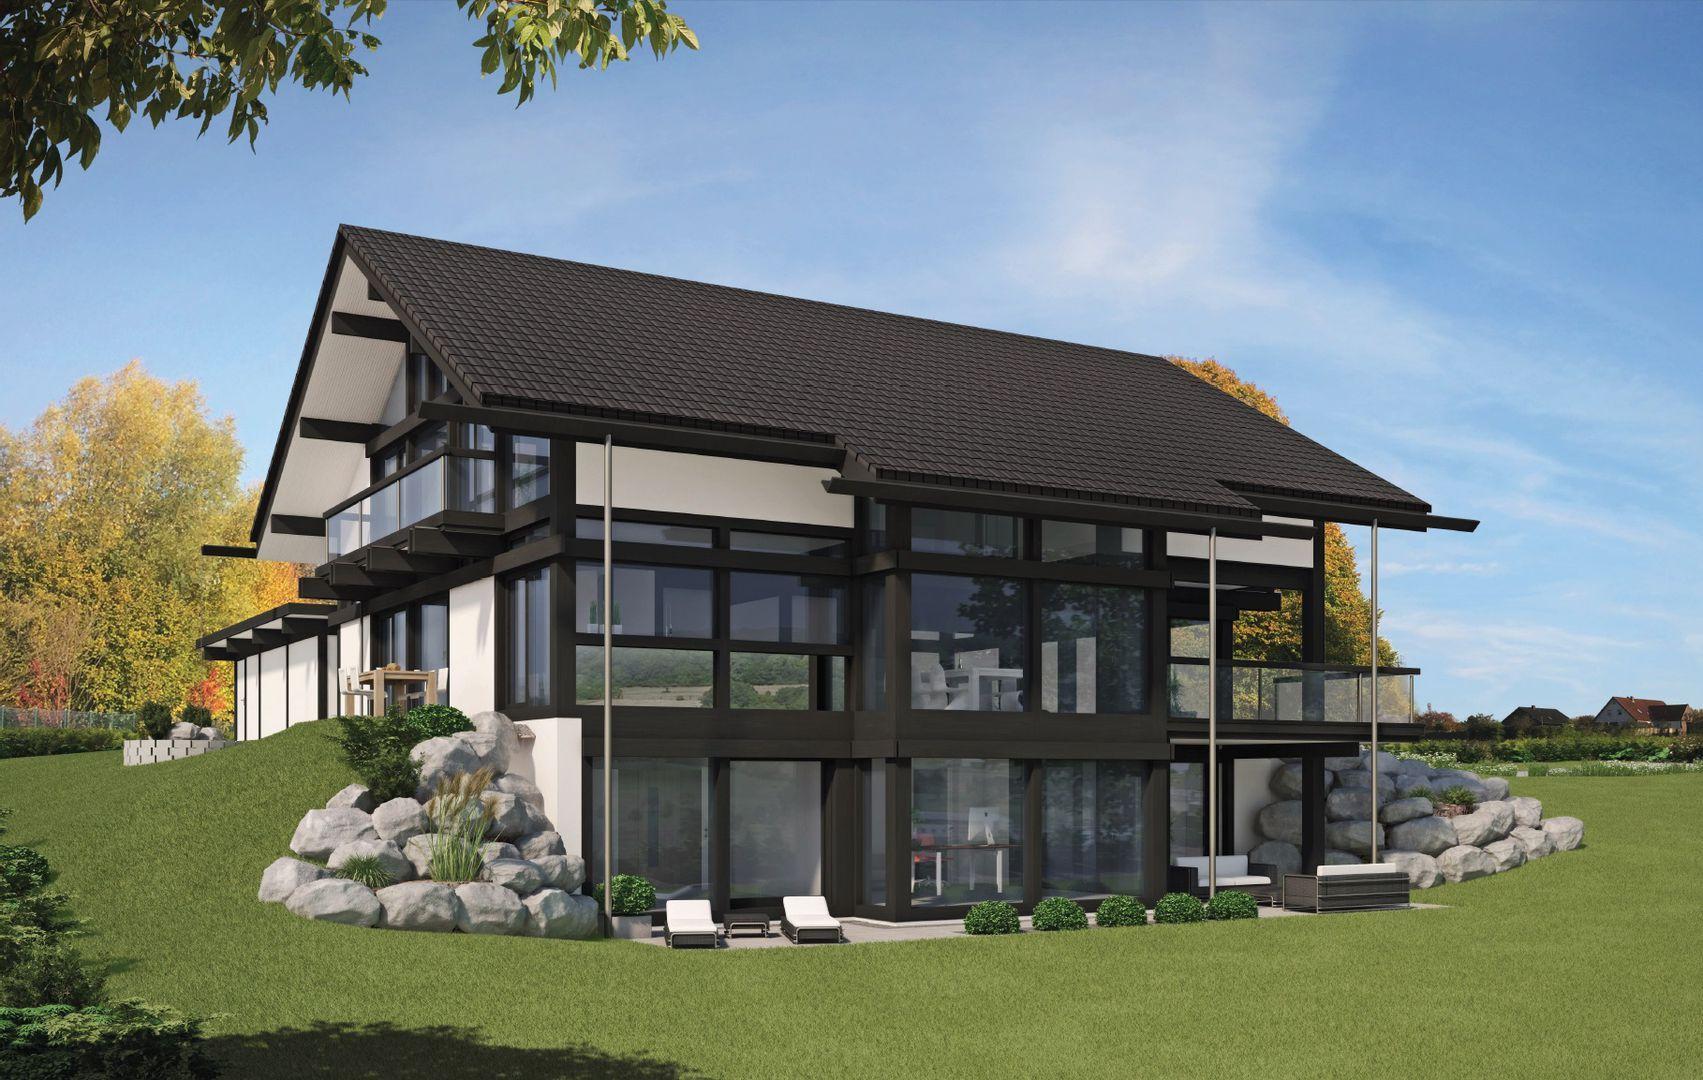 huf art 4 grundrisse huf haus art 6 9 die grundrisse k nnen sie gerne hier erfragen. Black Bedroom Furniture Sets. Home Design Ideas